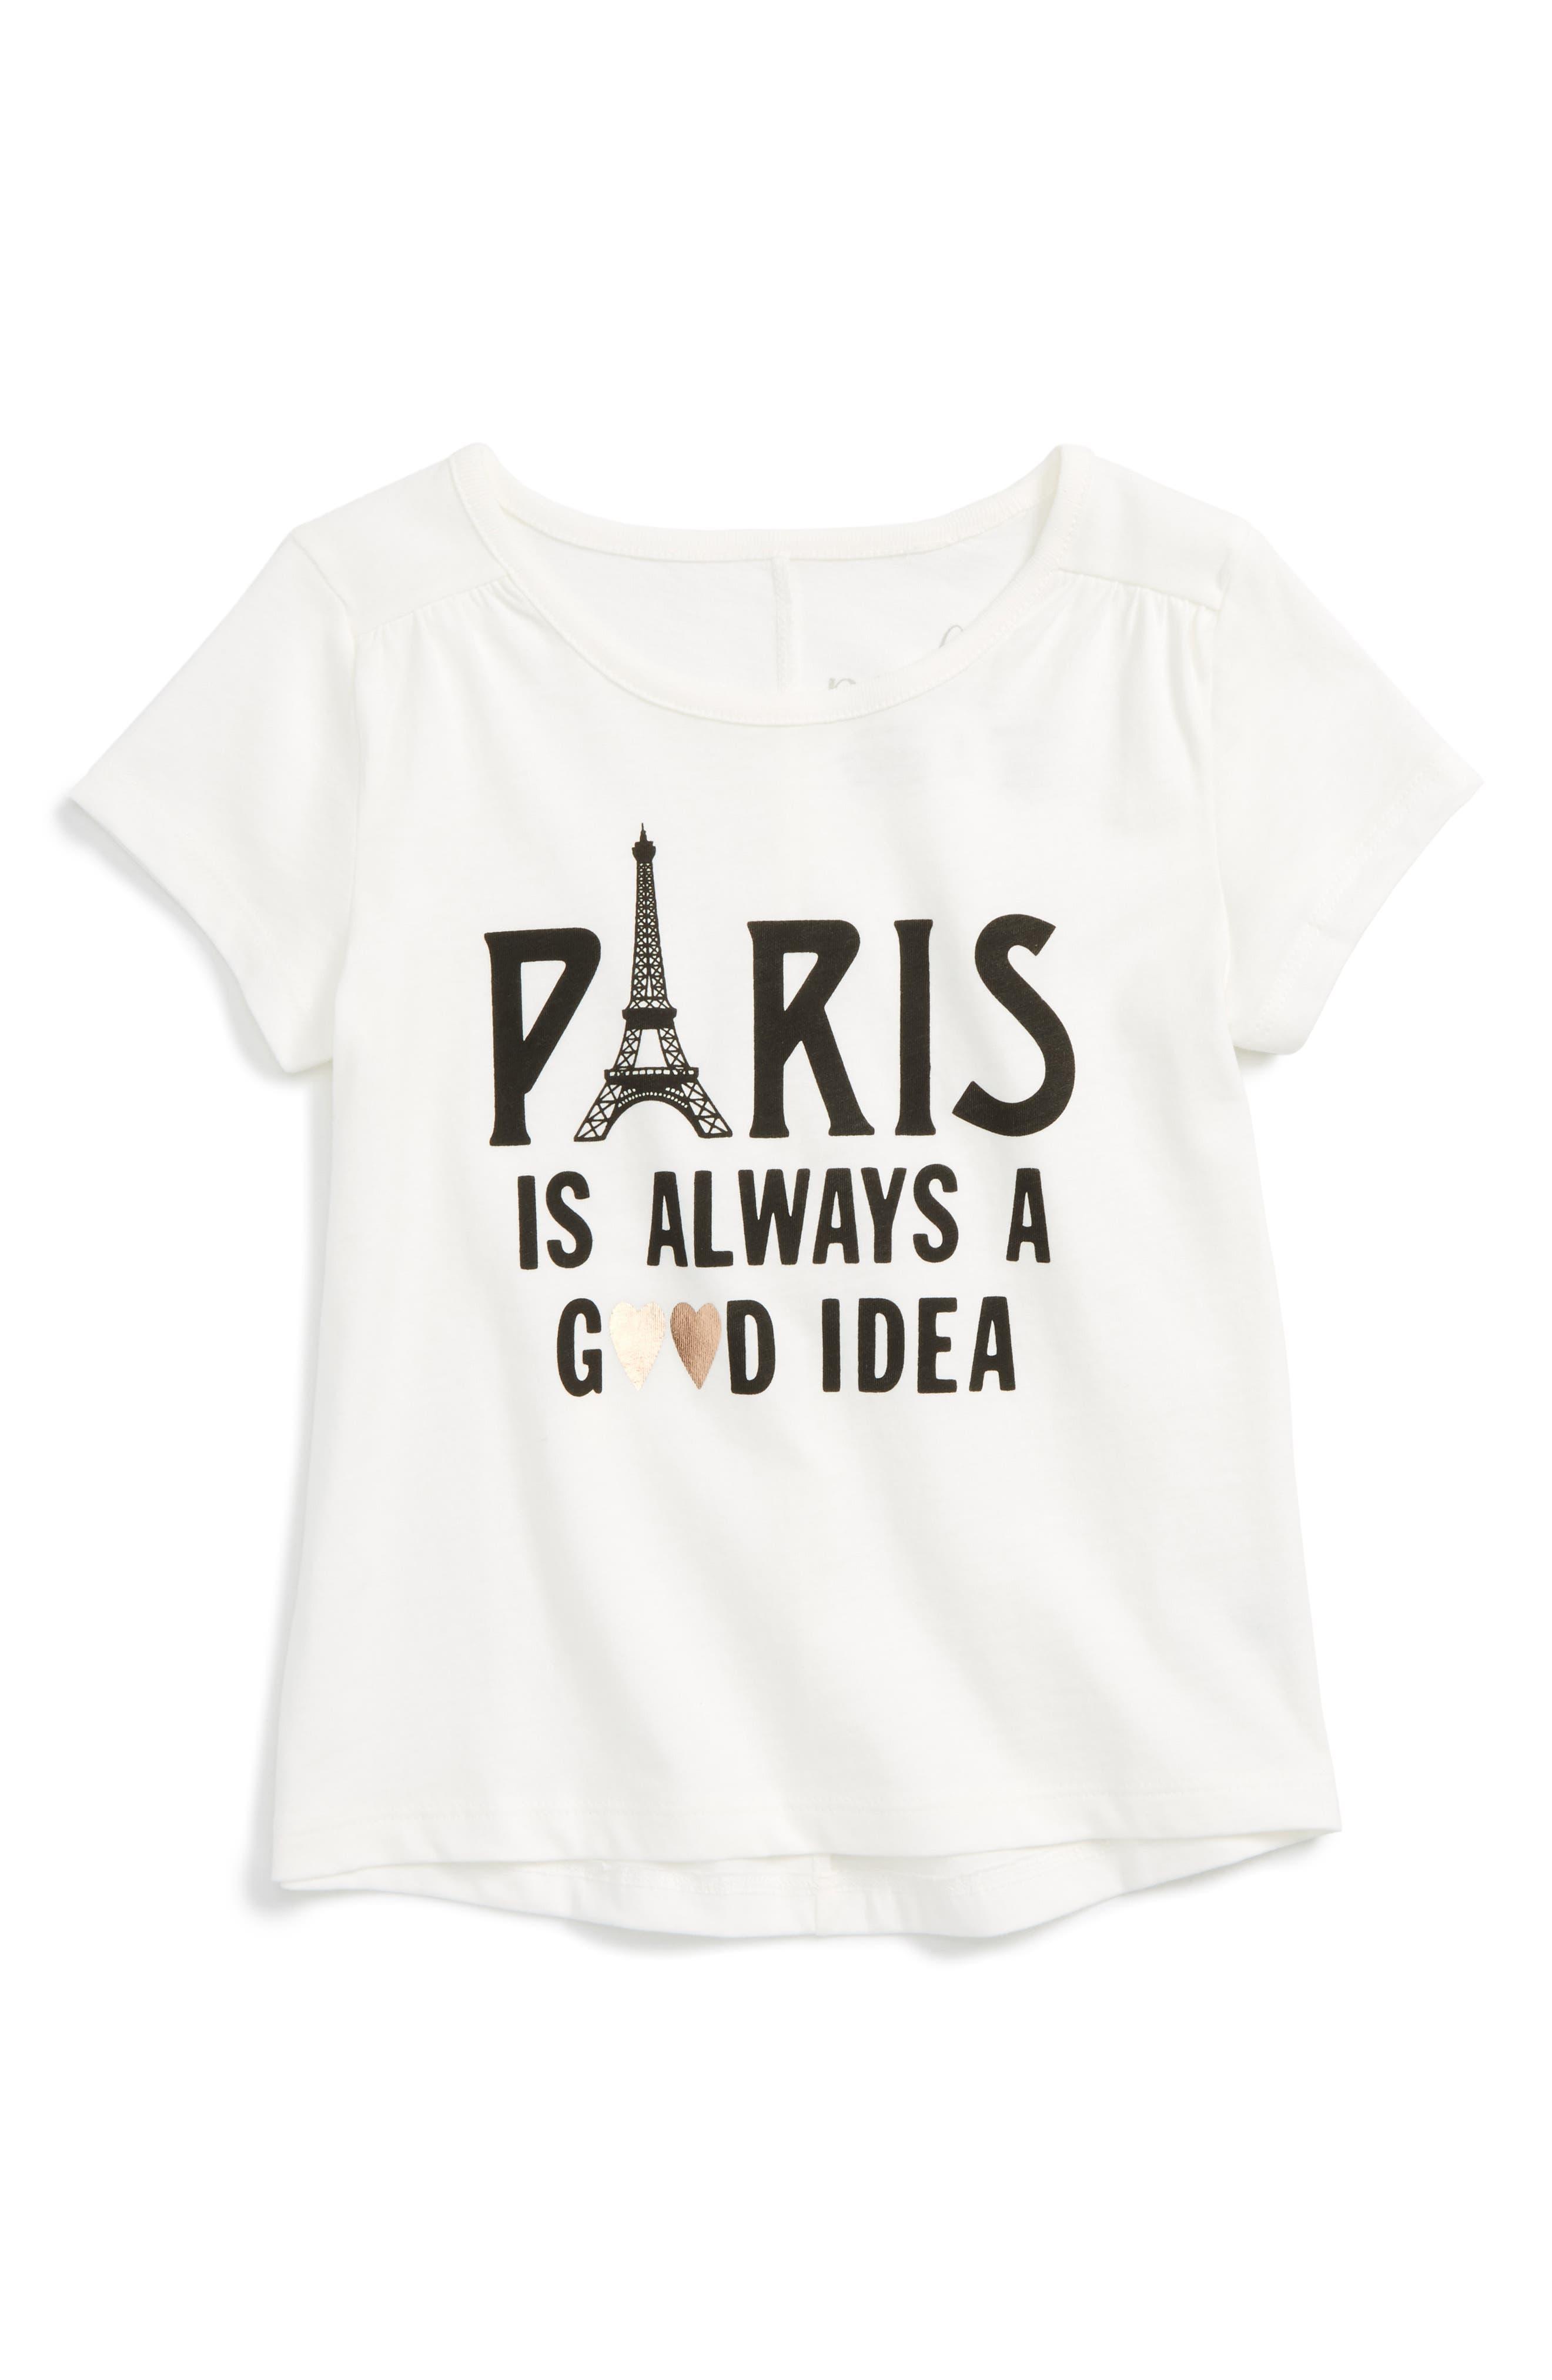 Peek Paris is Always a Good Idea Tee (Toddler Girls, Little Girls & Big Girls)